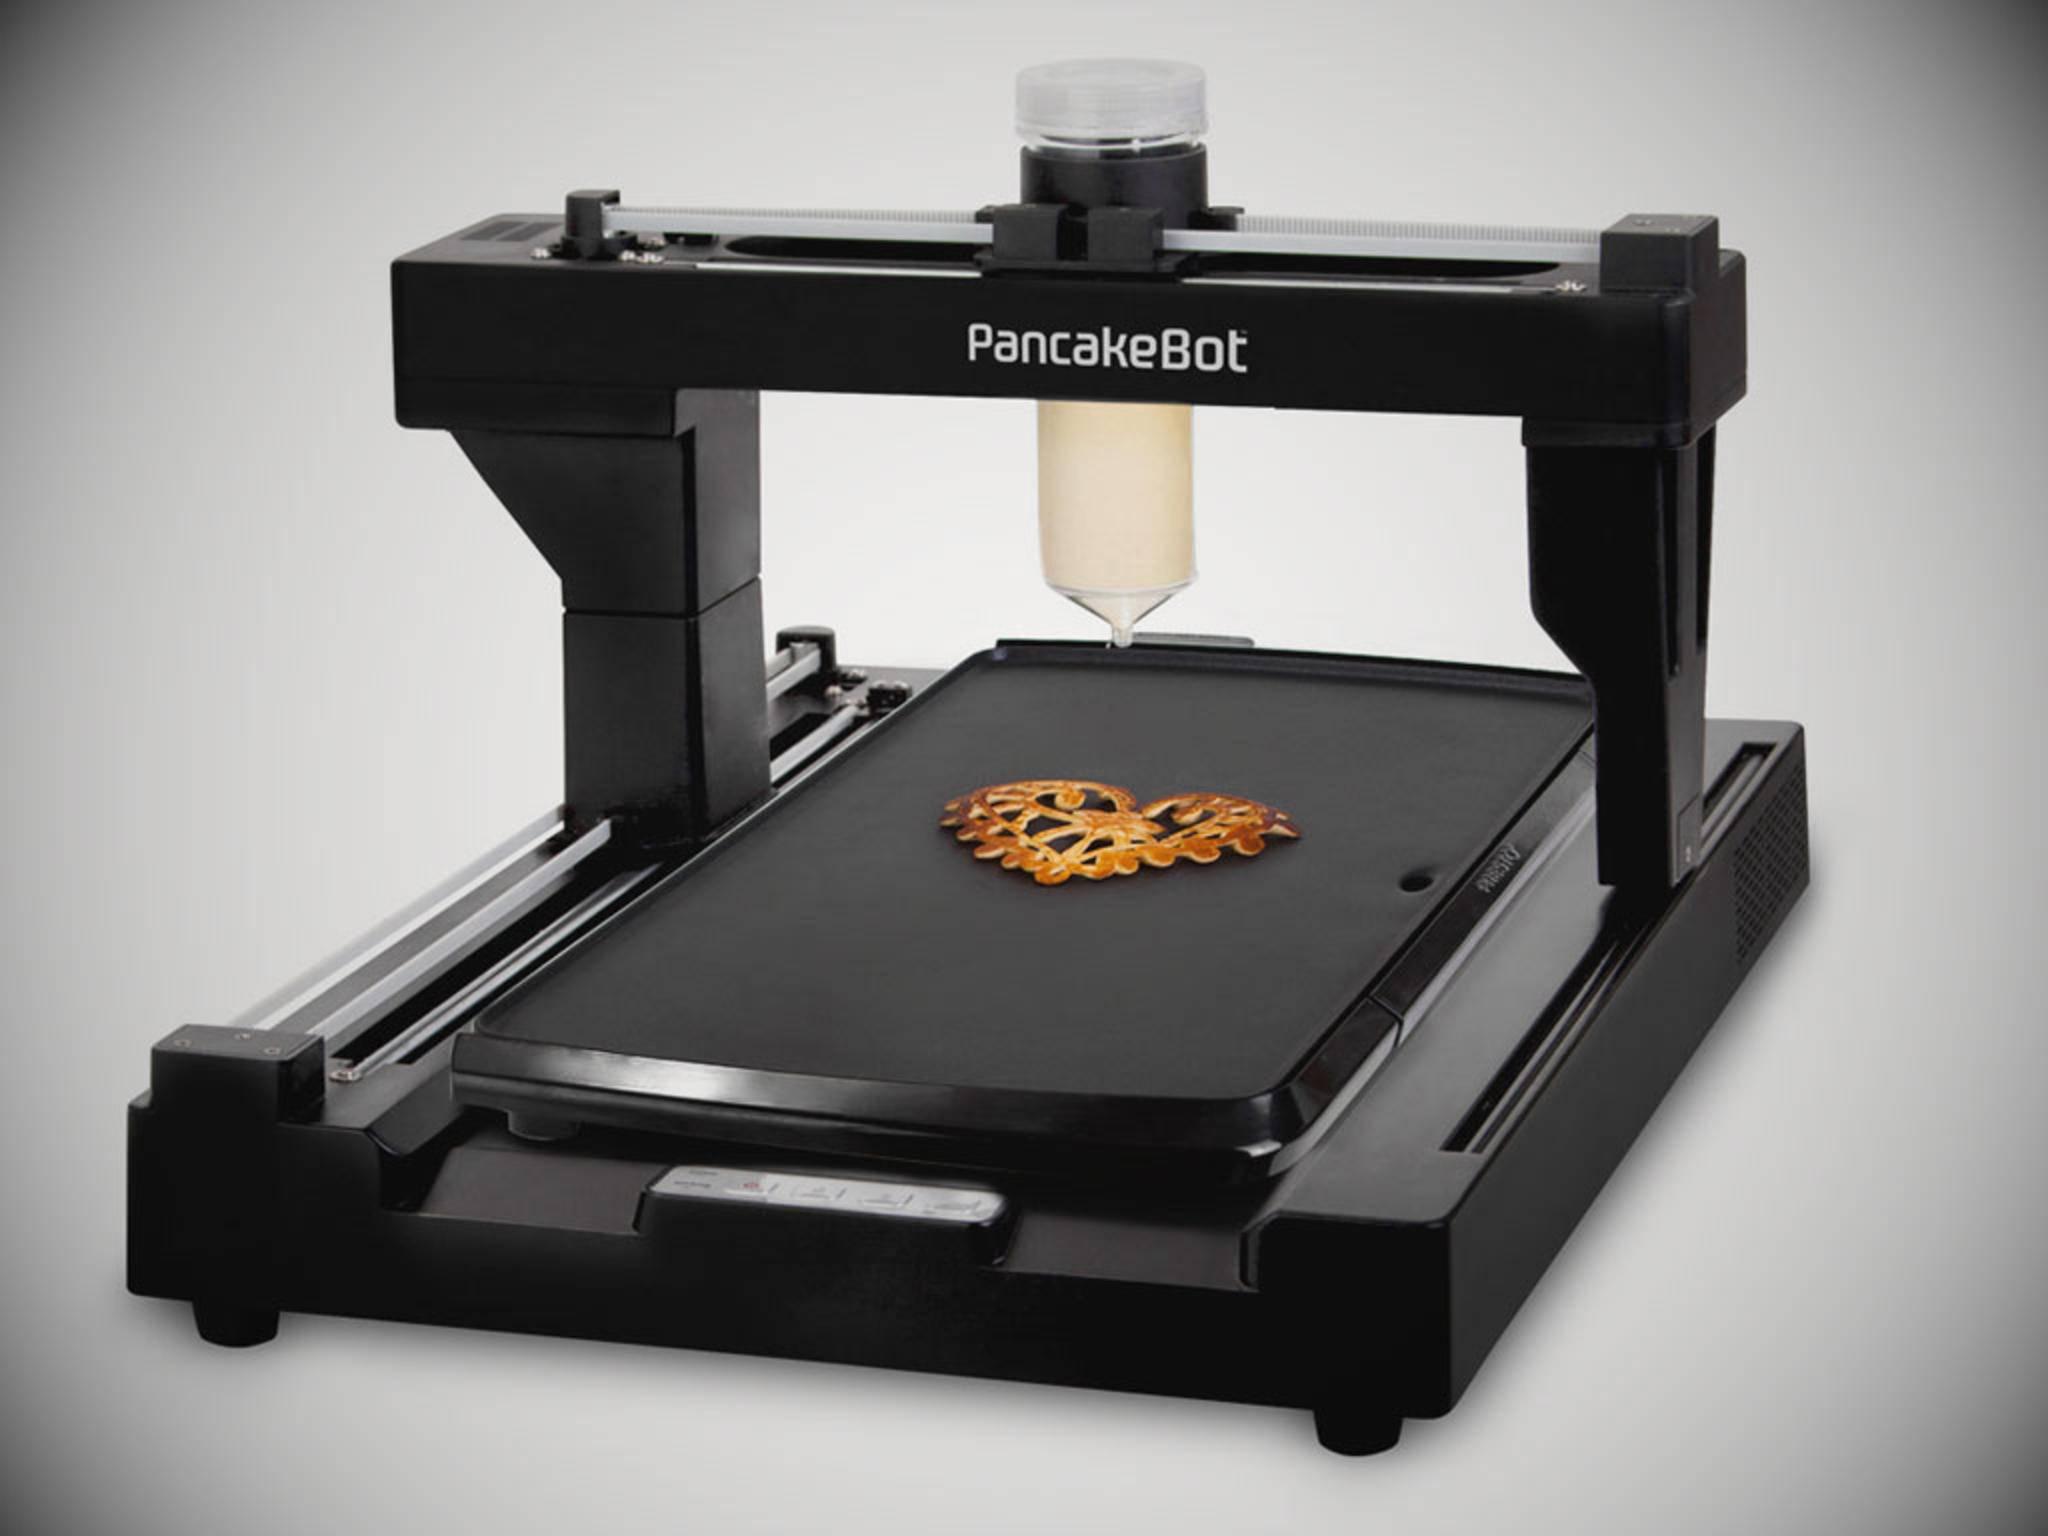 PancakeBot